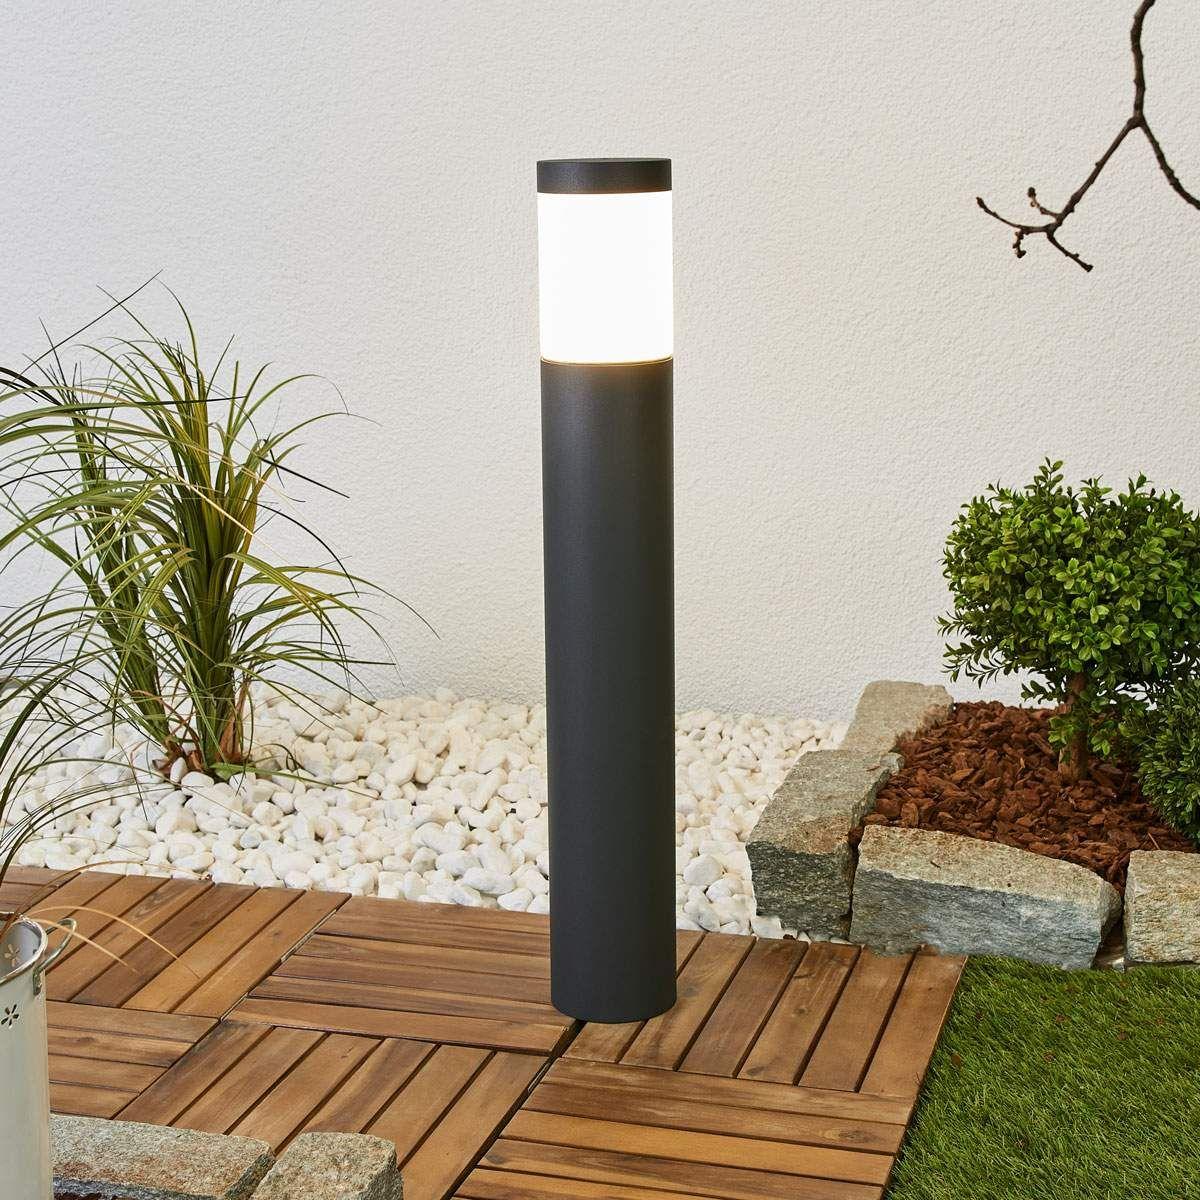 Wegelampe Bewegungsmelder Pollerleuchten Bega Preise Wegeleuchte Mit Schalter Bega Led Pollerleuchte Aussenbeleuchtung Garten Gartenlampen Aussenleuchten